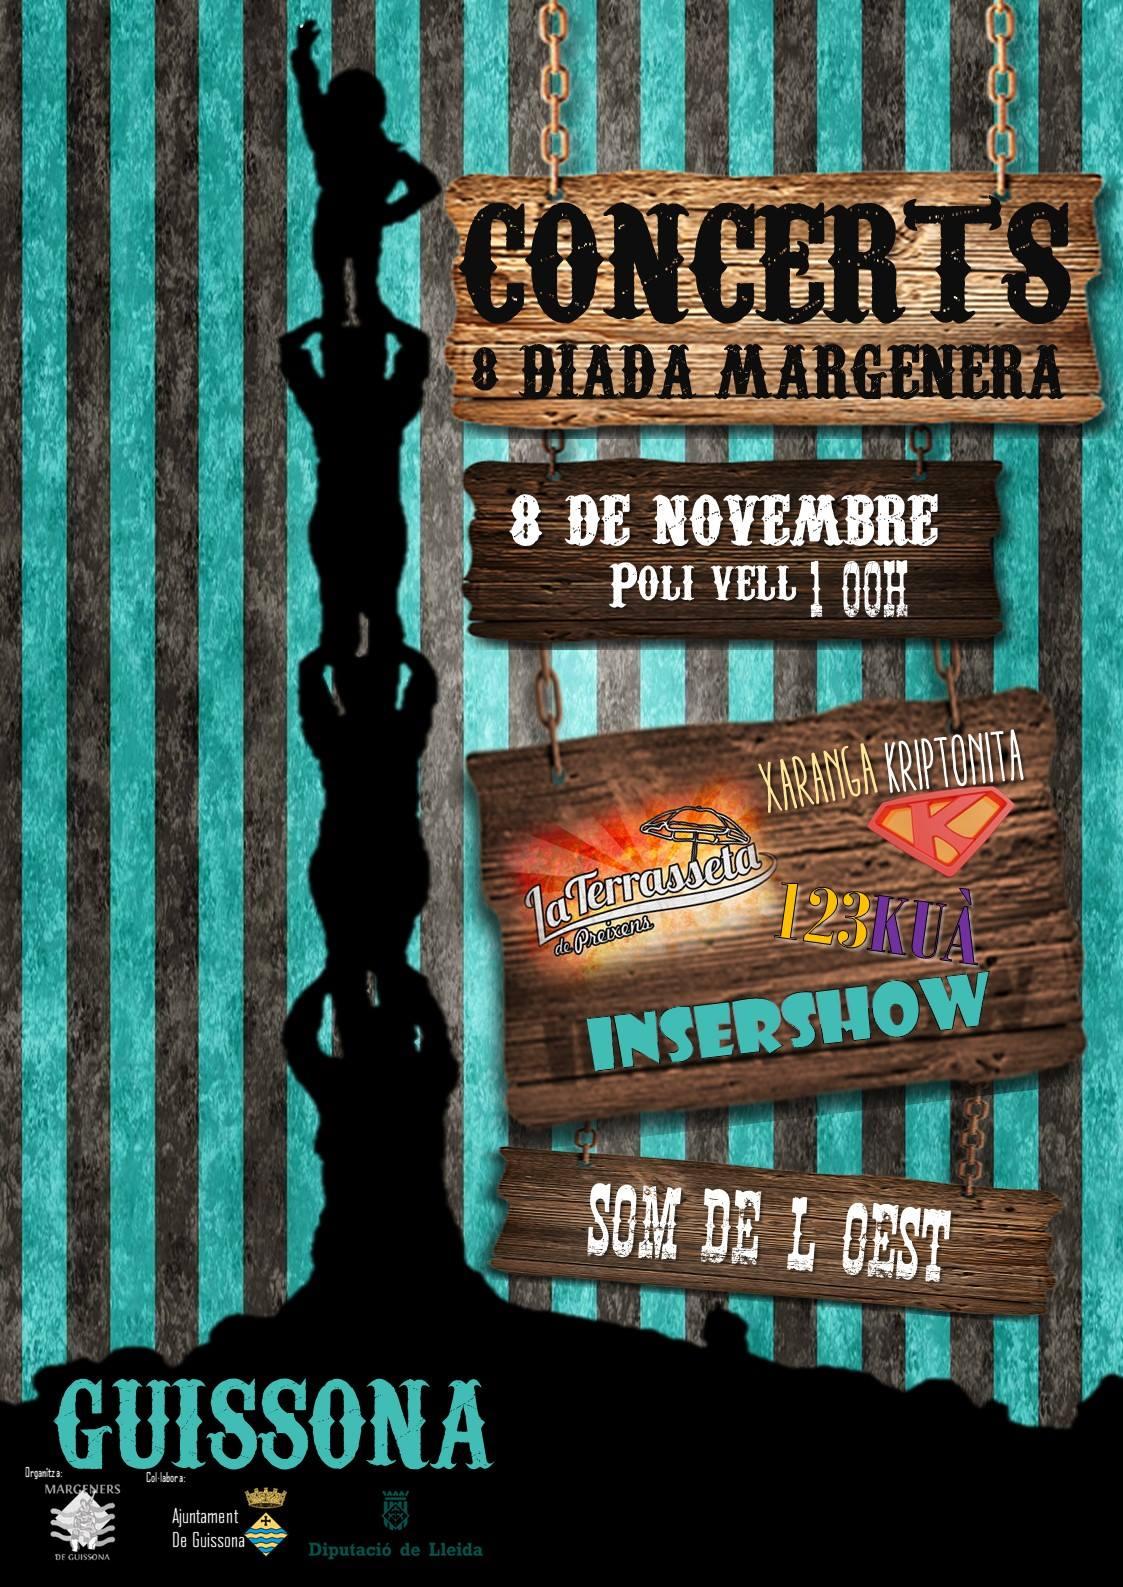 cartell Festa dels Margeners, concert